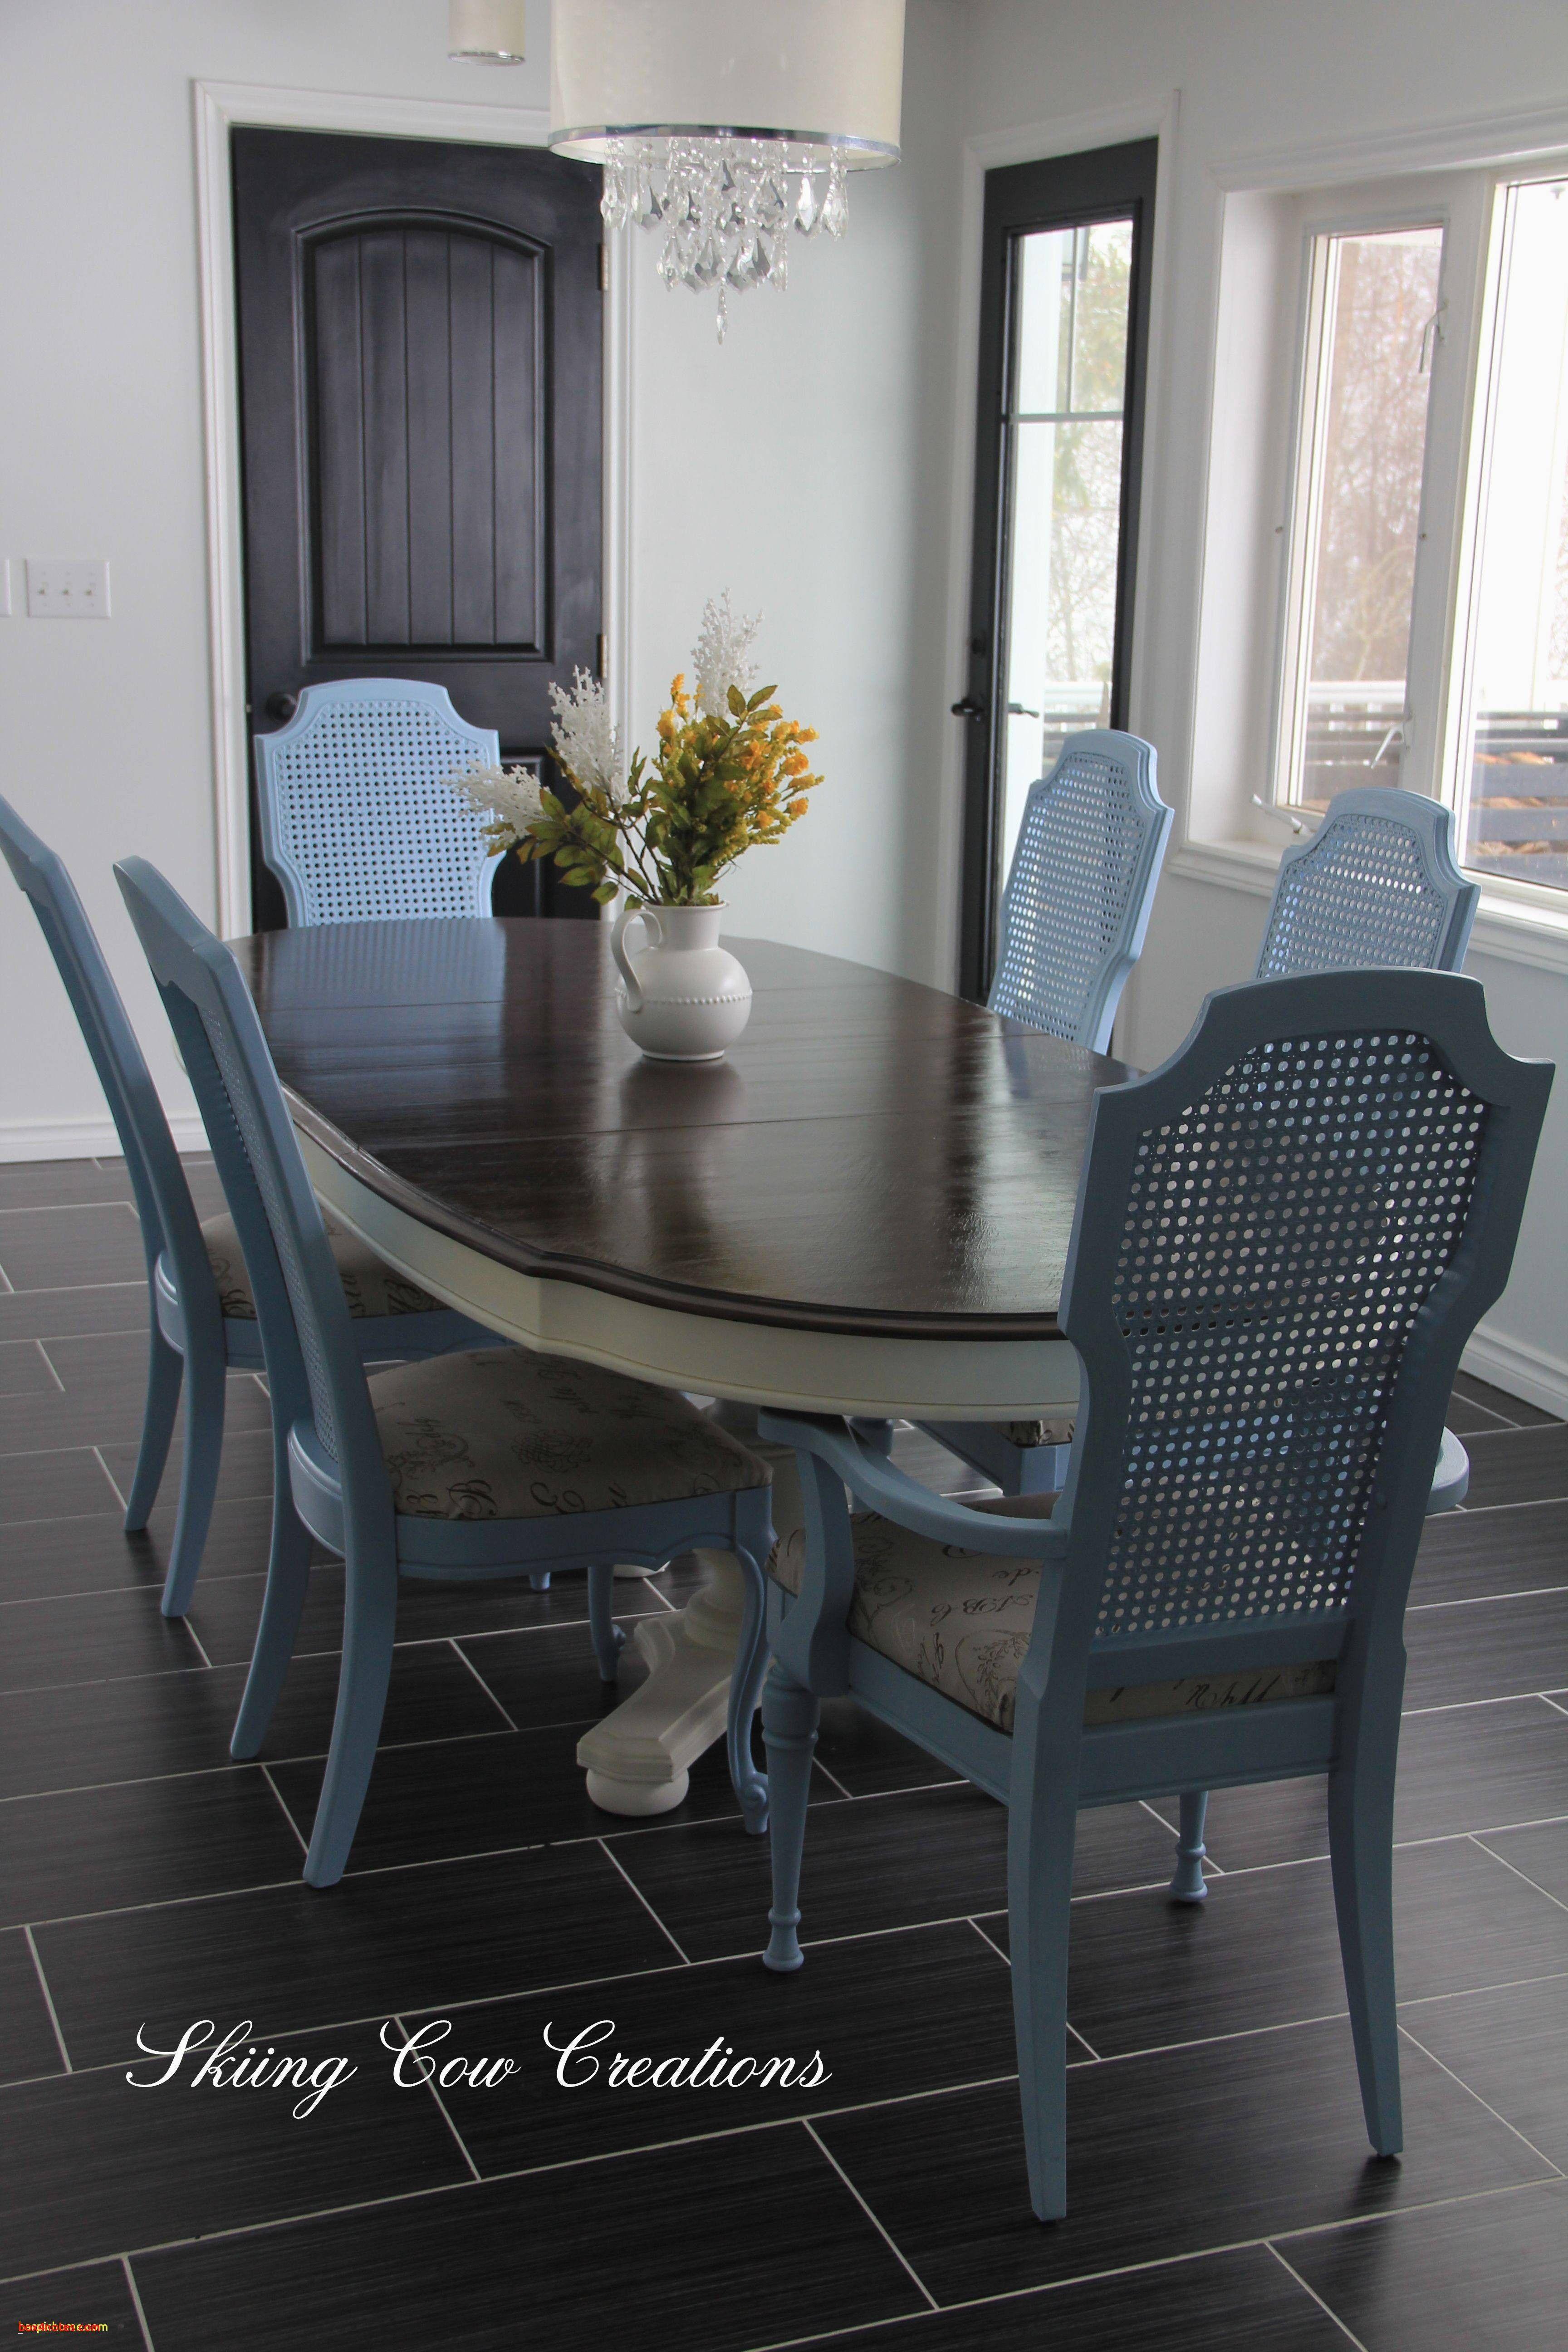 Beautiful Living Room And Dining Room To Her Design Desain Ruang Makan Ruang Keluarga Mewah Ide Ruang Makan Kecil Elegant living room chairs